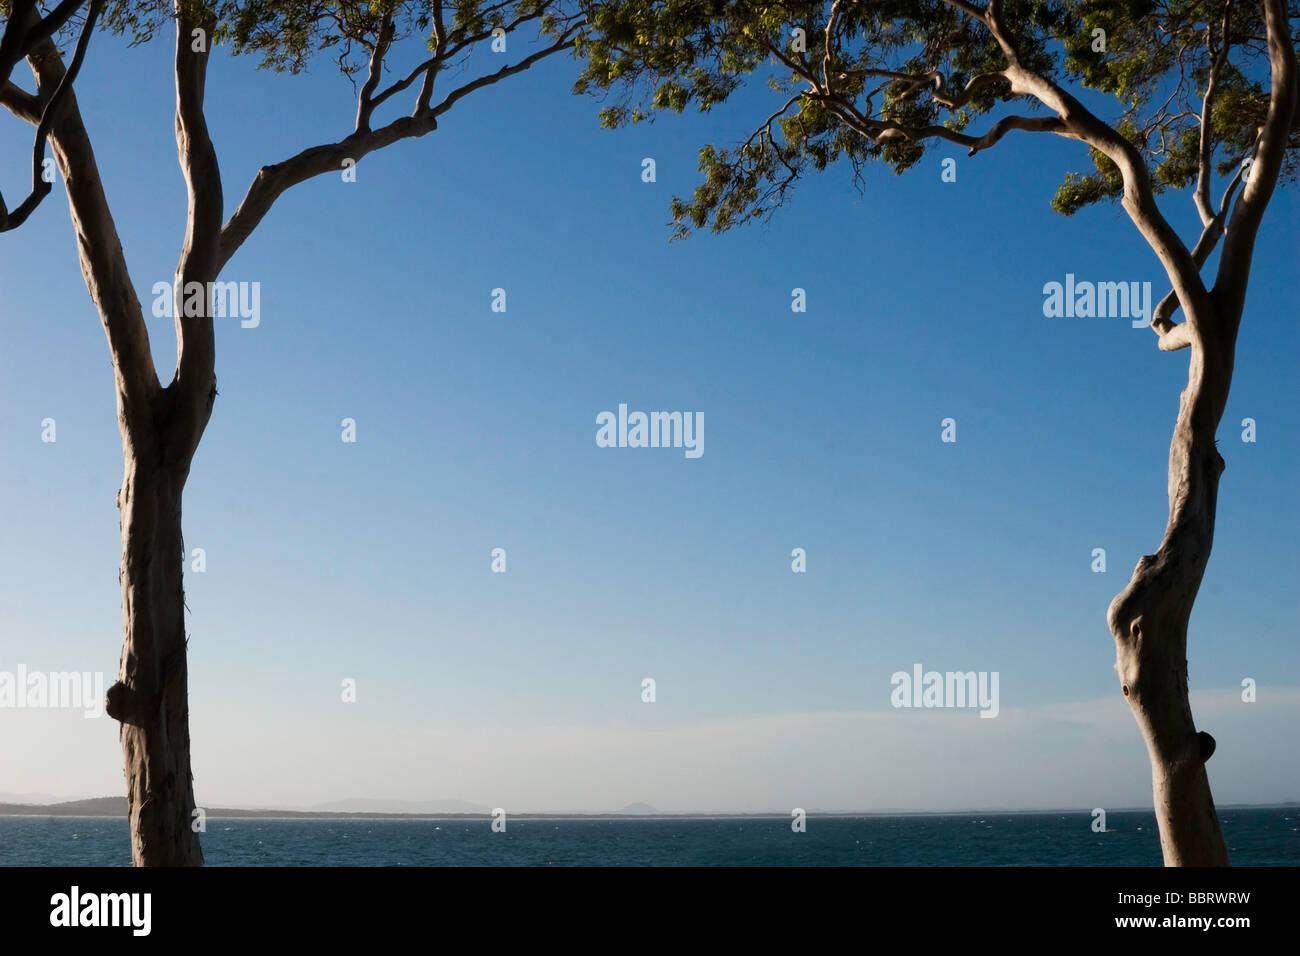 Dos árboles de eucalipto enmarcando el océano y un cielo azul claro. Imagen De Stock